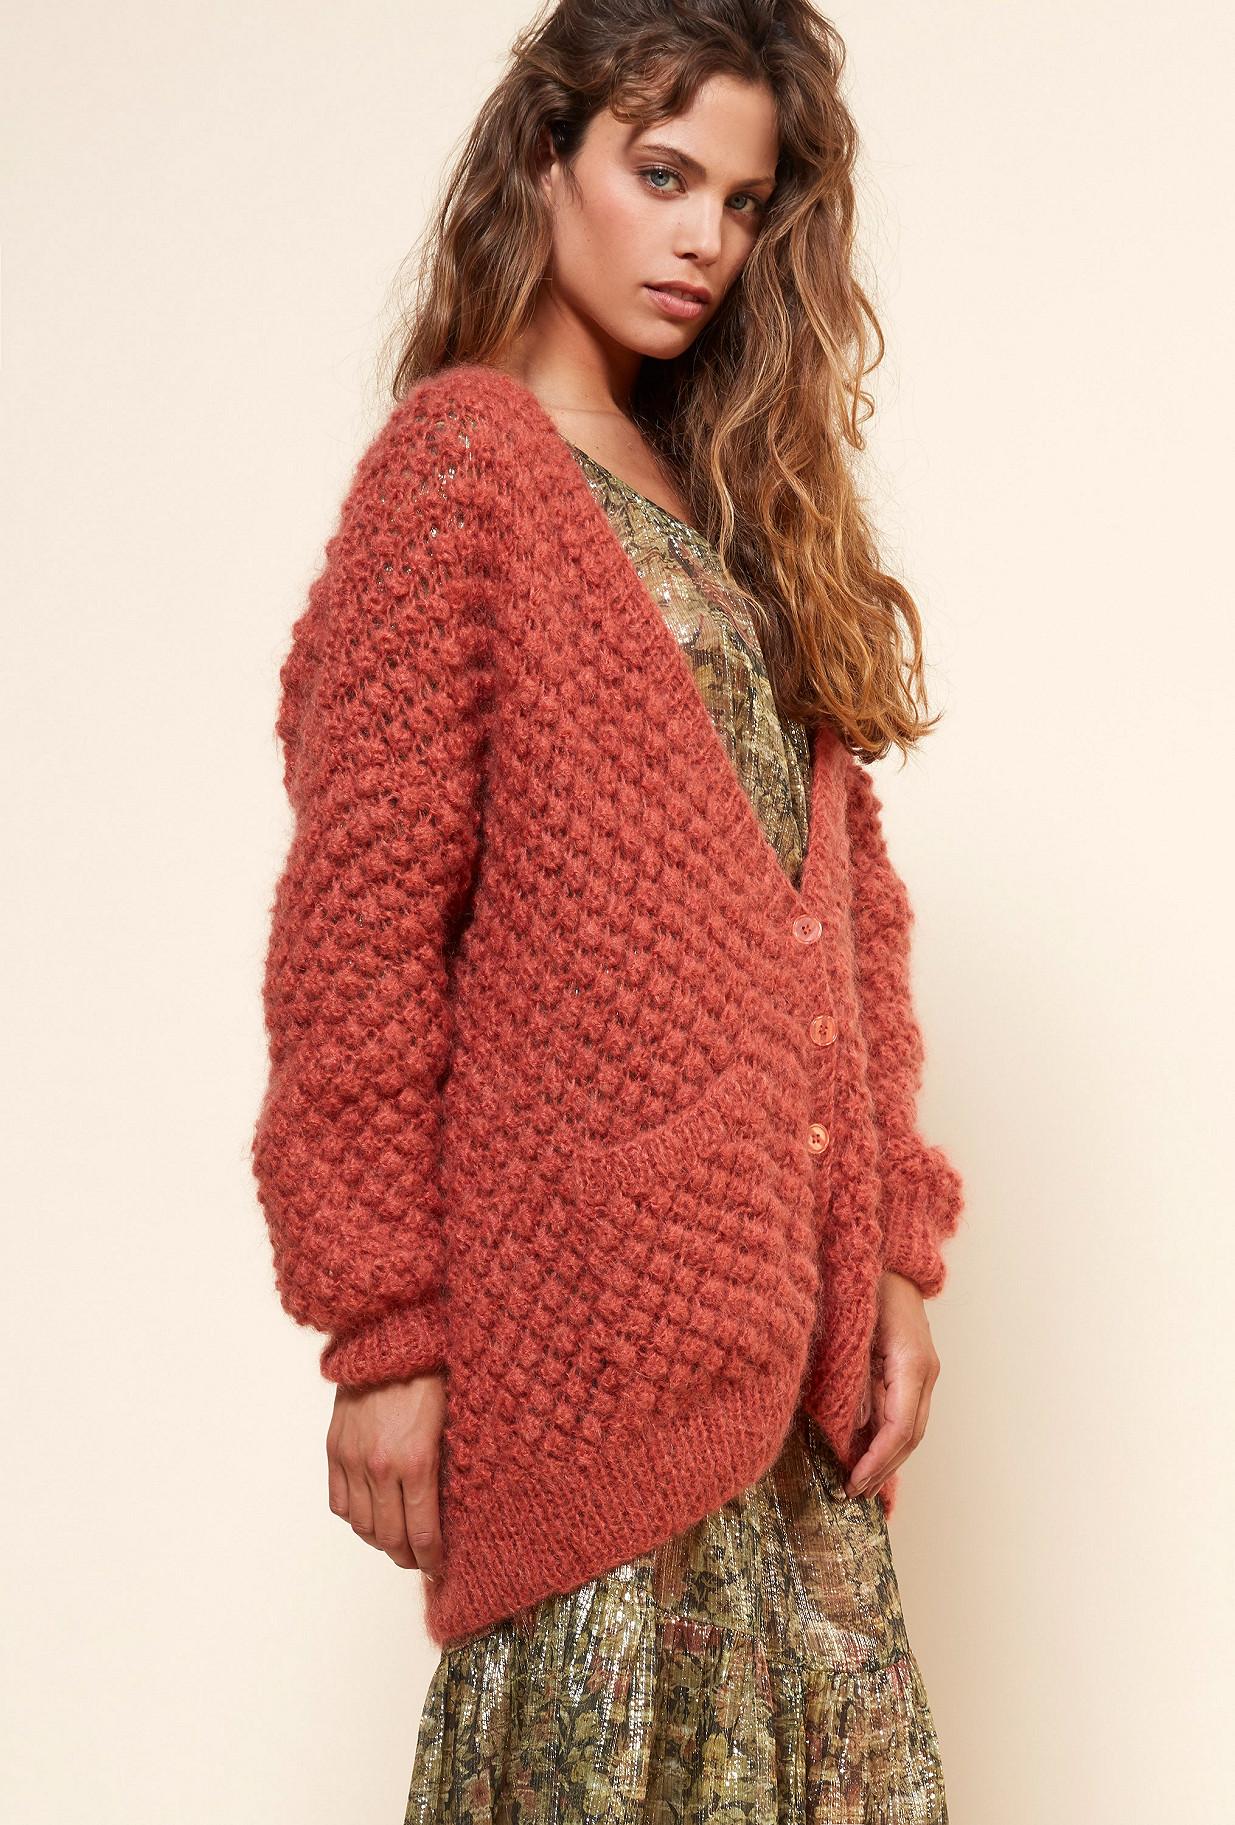 Terracotta  Knit  Snow White Mes demoiselles fashion clothes designer Paris